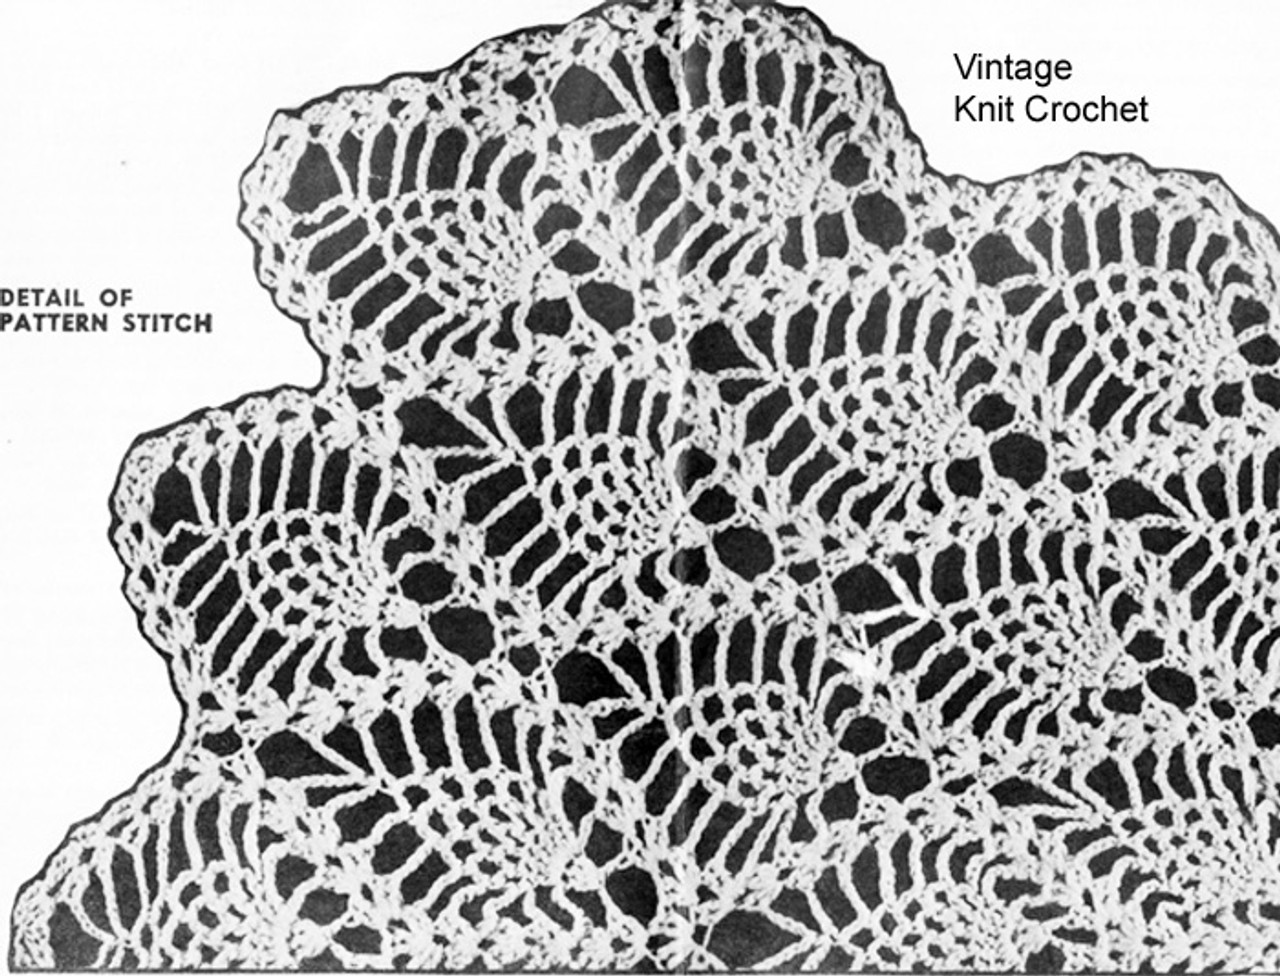 Pineapple Crochet Shrug Pattern, Laura Wheeler 743